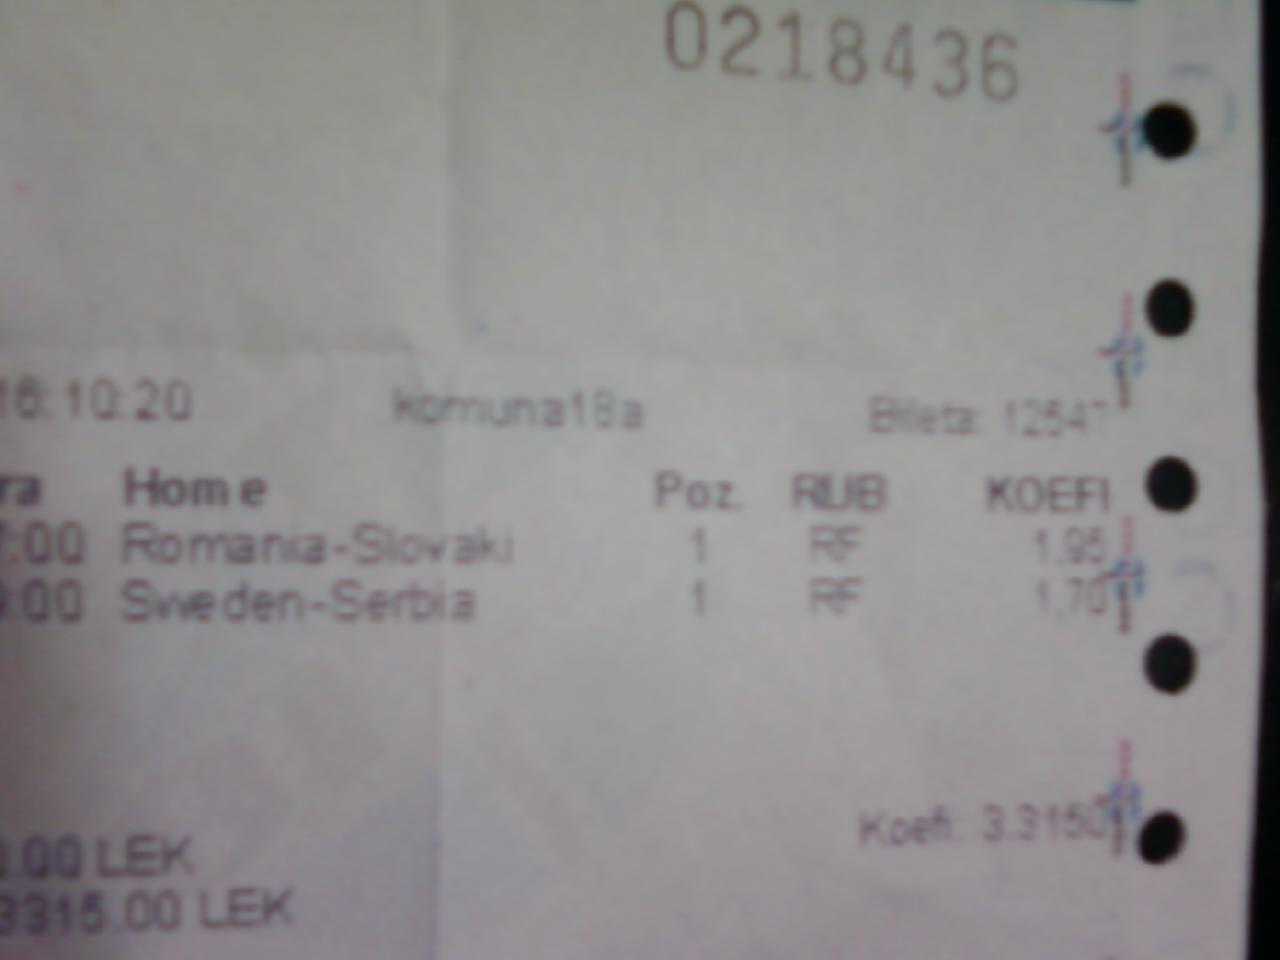 30 euro paysafecard